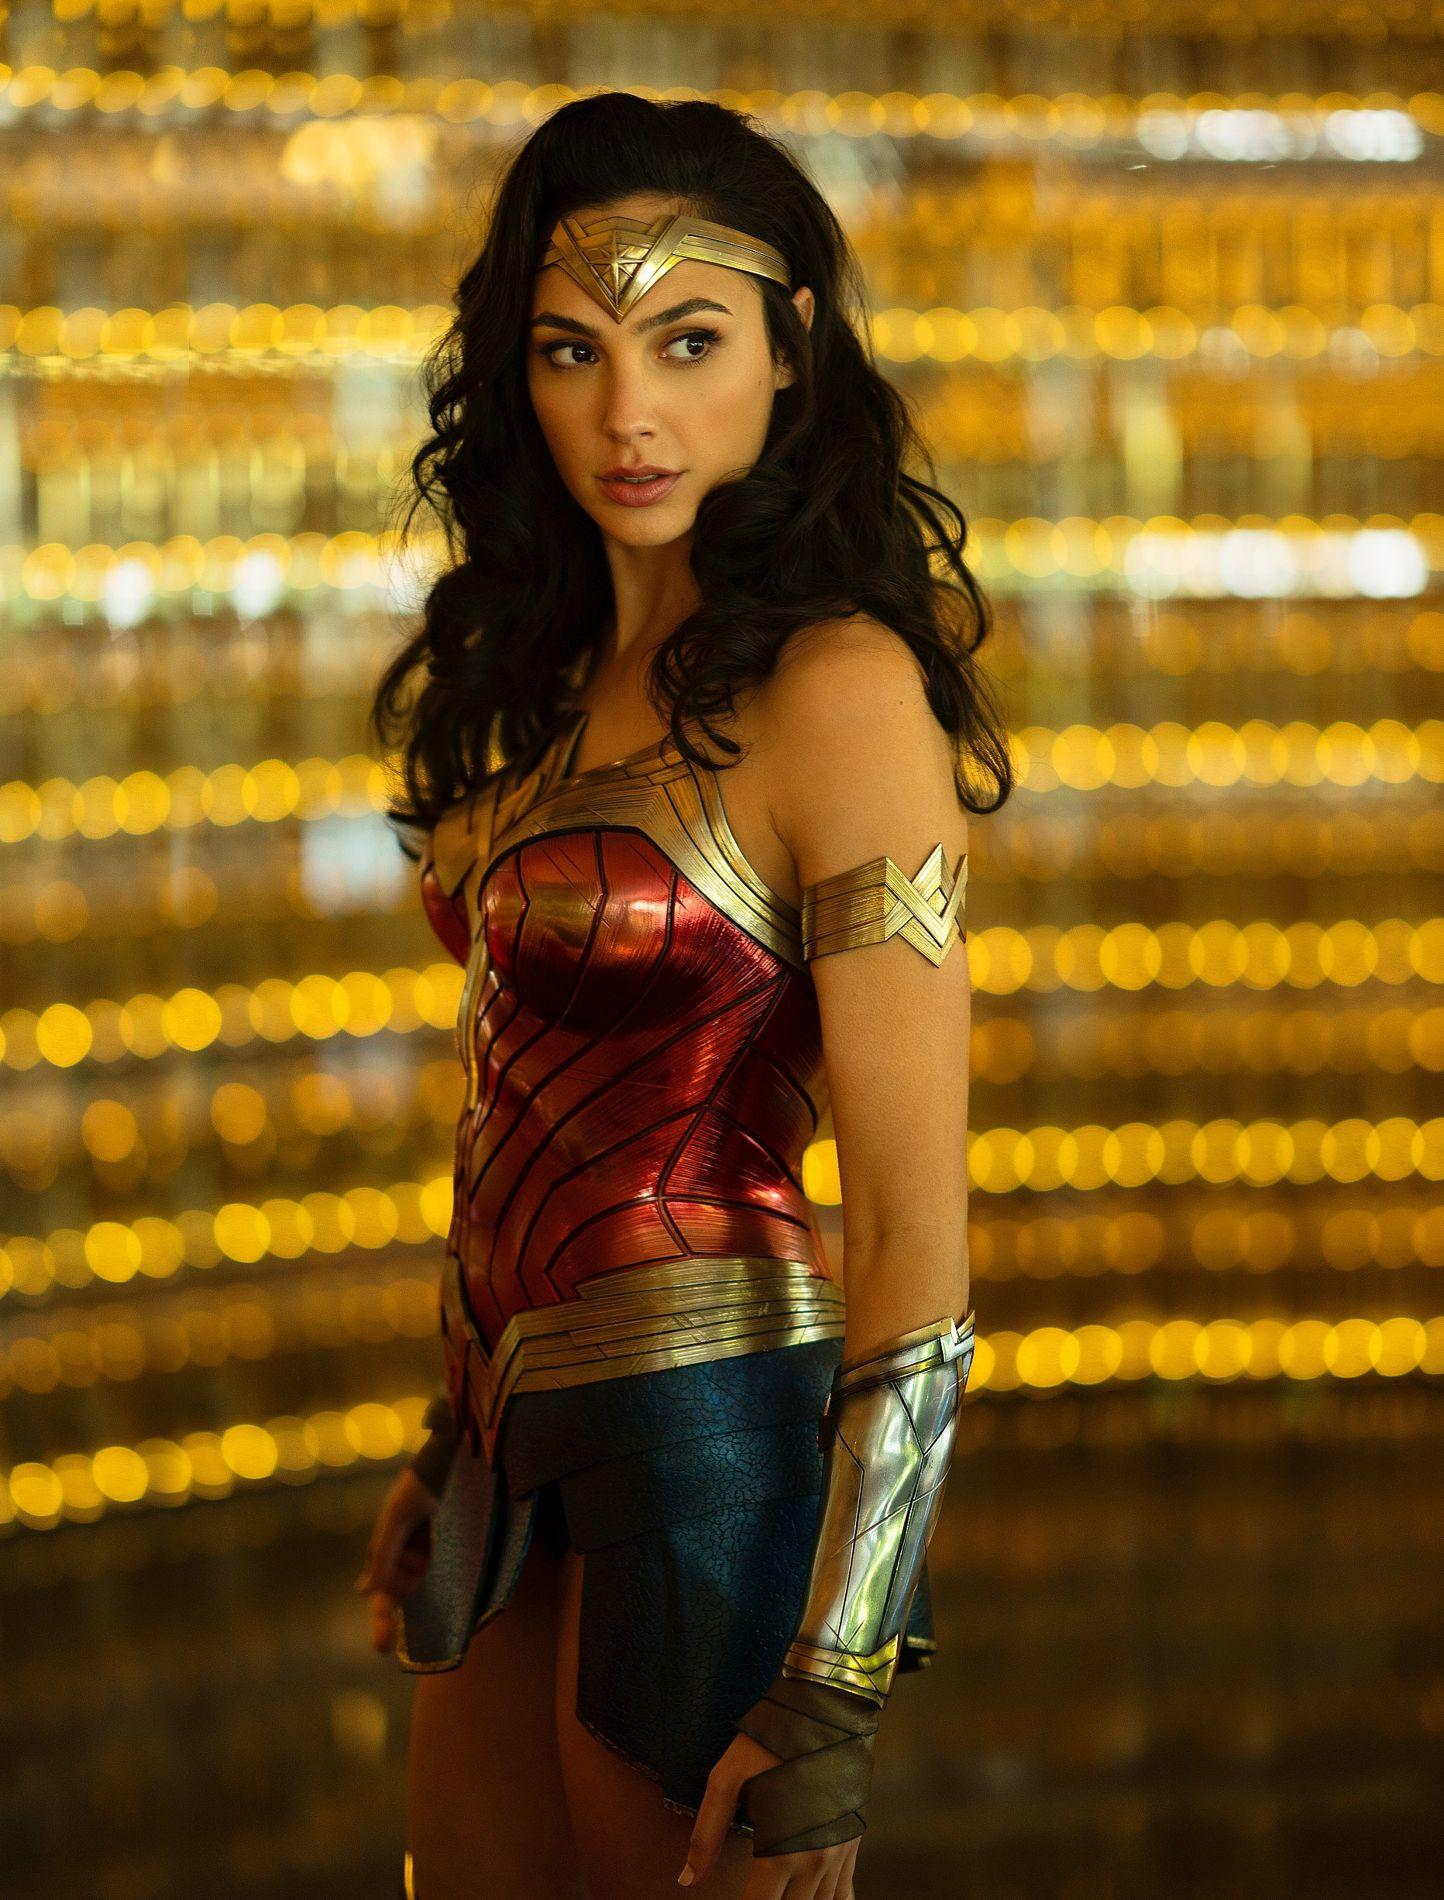 Wonder Woman Comment La Super Heroine De Dc Comics Est Devenue Une Icone Feministe Madame Figaro